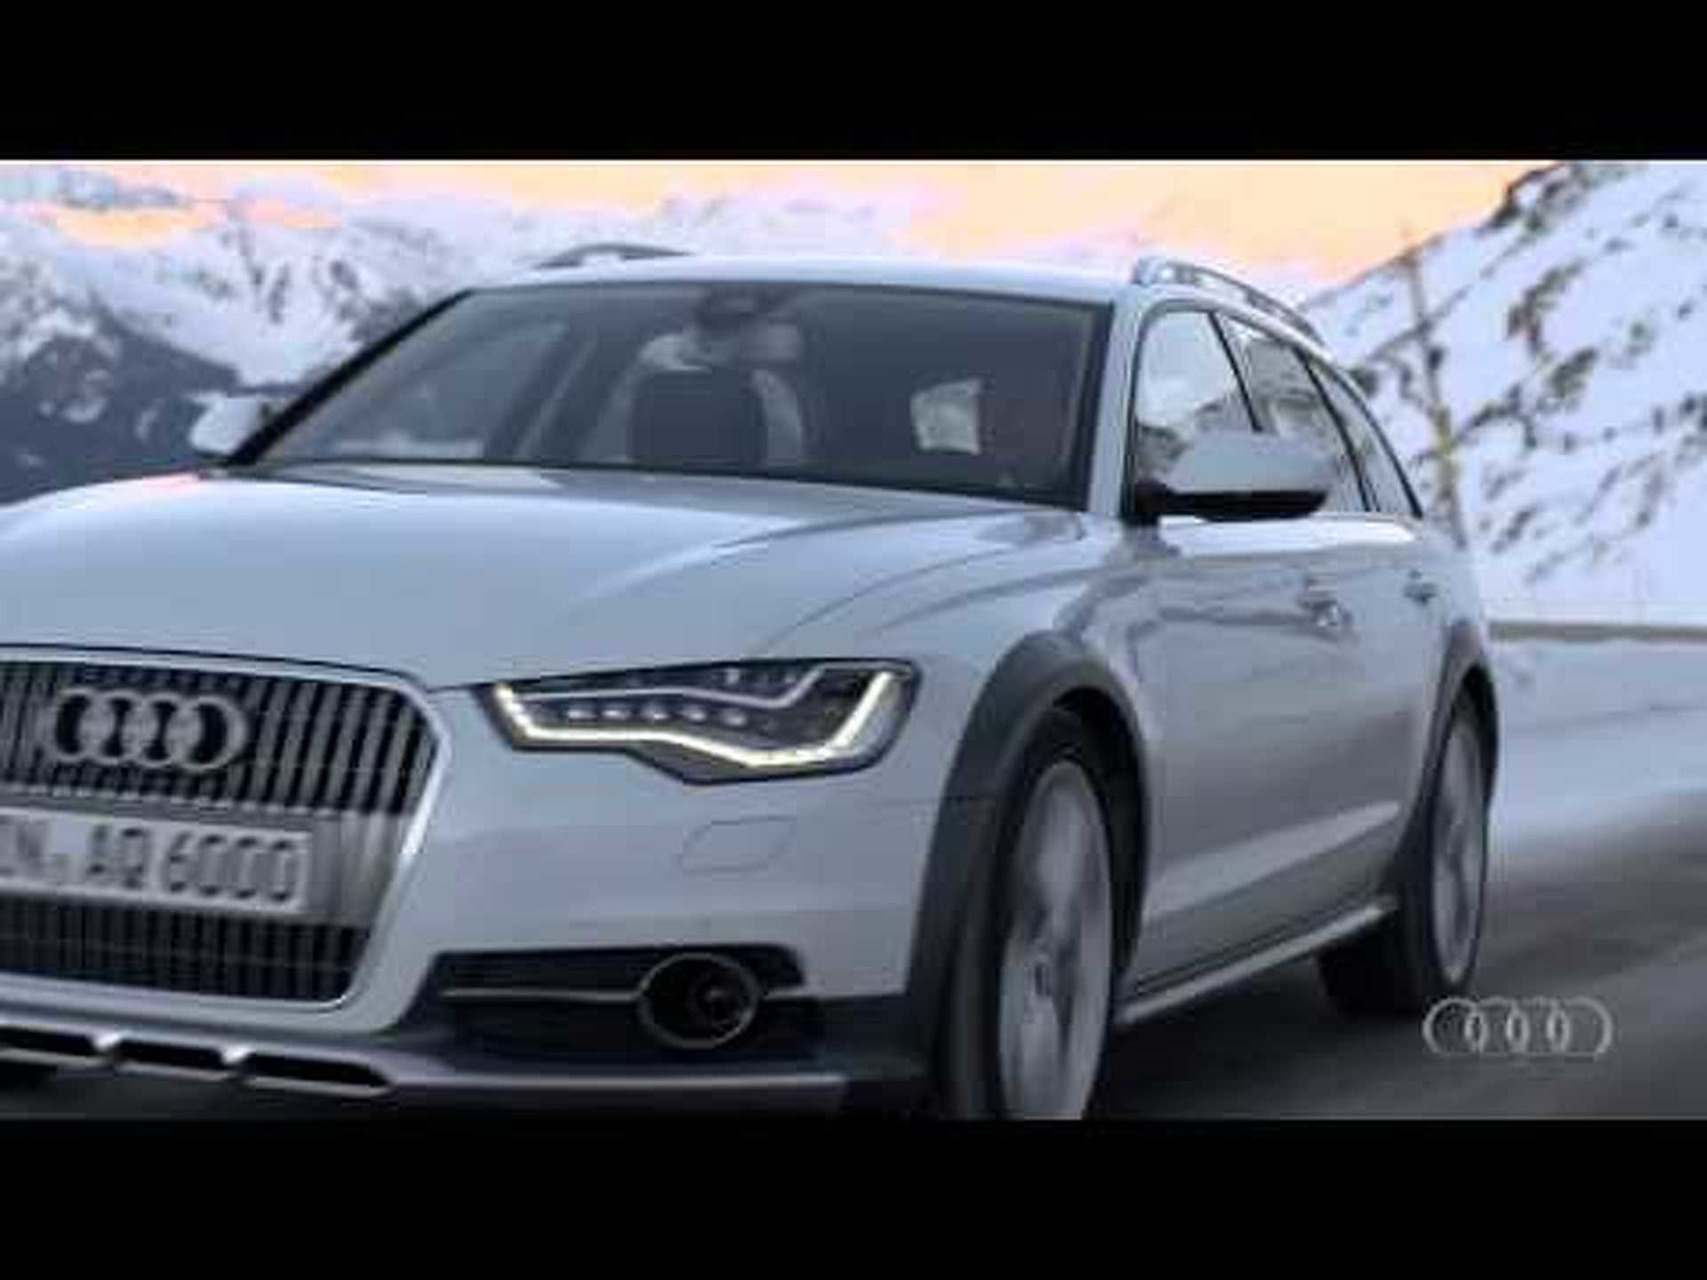 2013 Audi A6 Allroad Quattro Driving Scenes